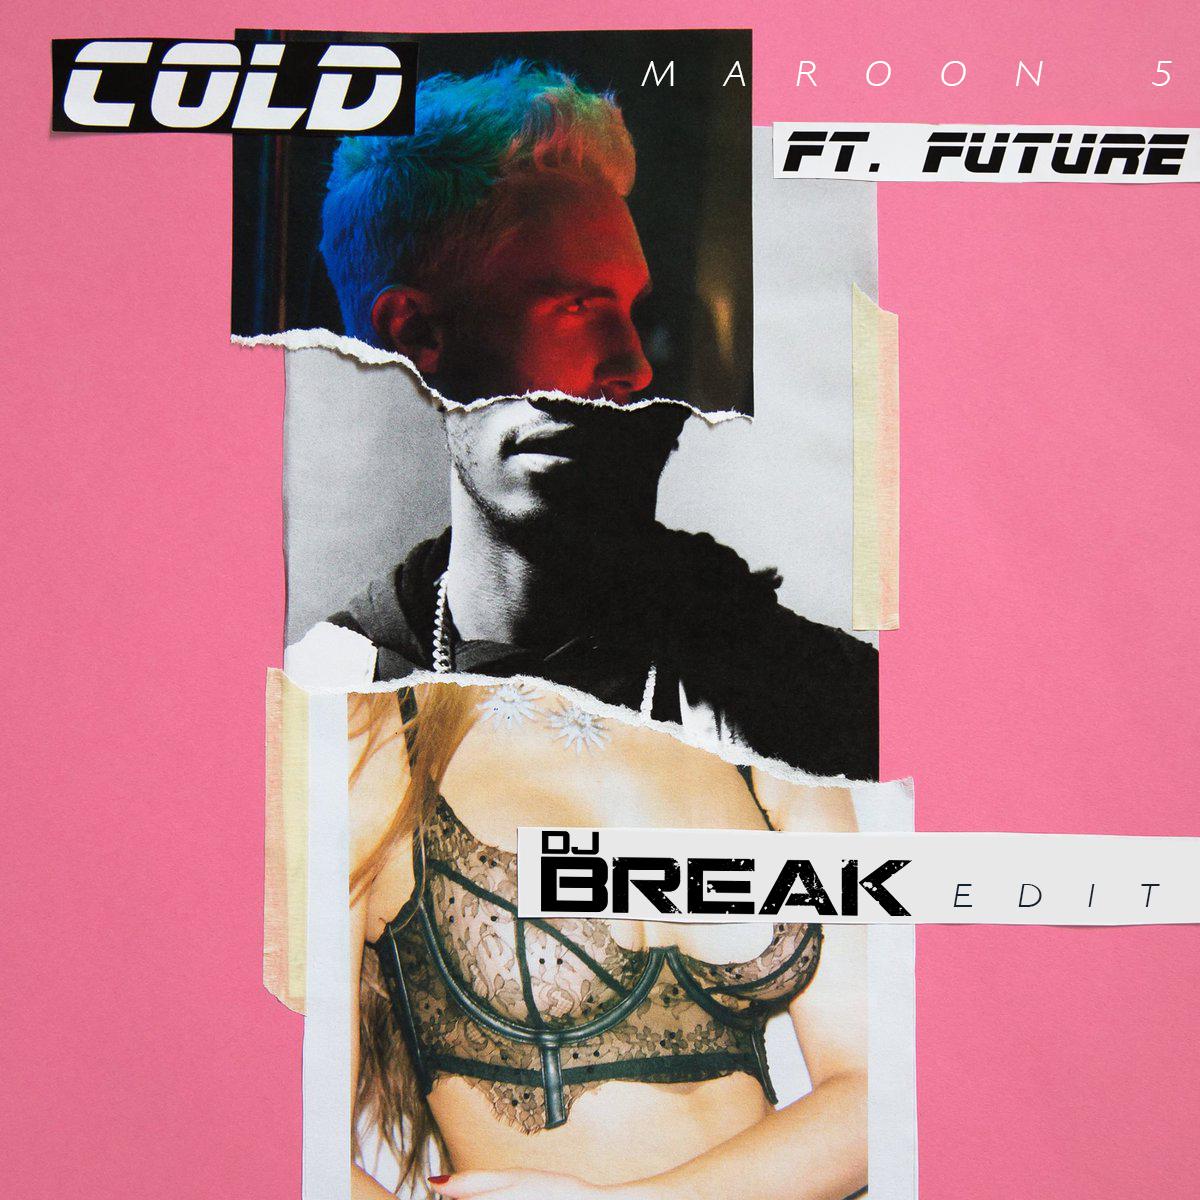 maroon-5-future-cold-(DJ-Break-Edit)-COVERT-ART